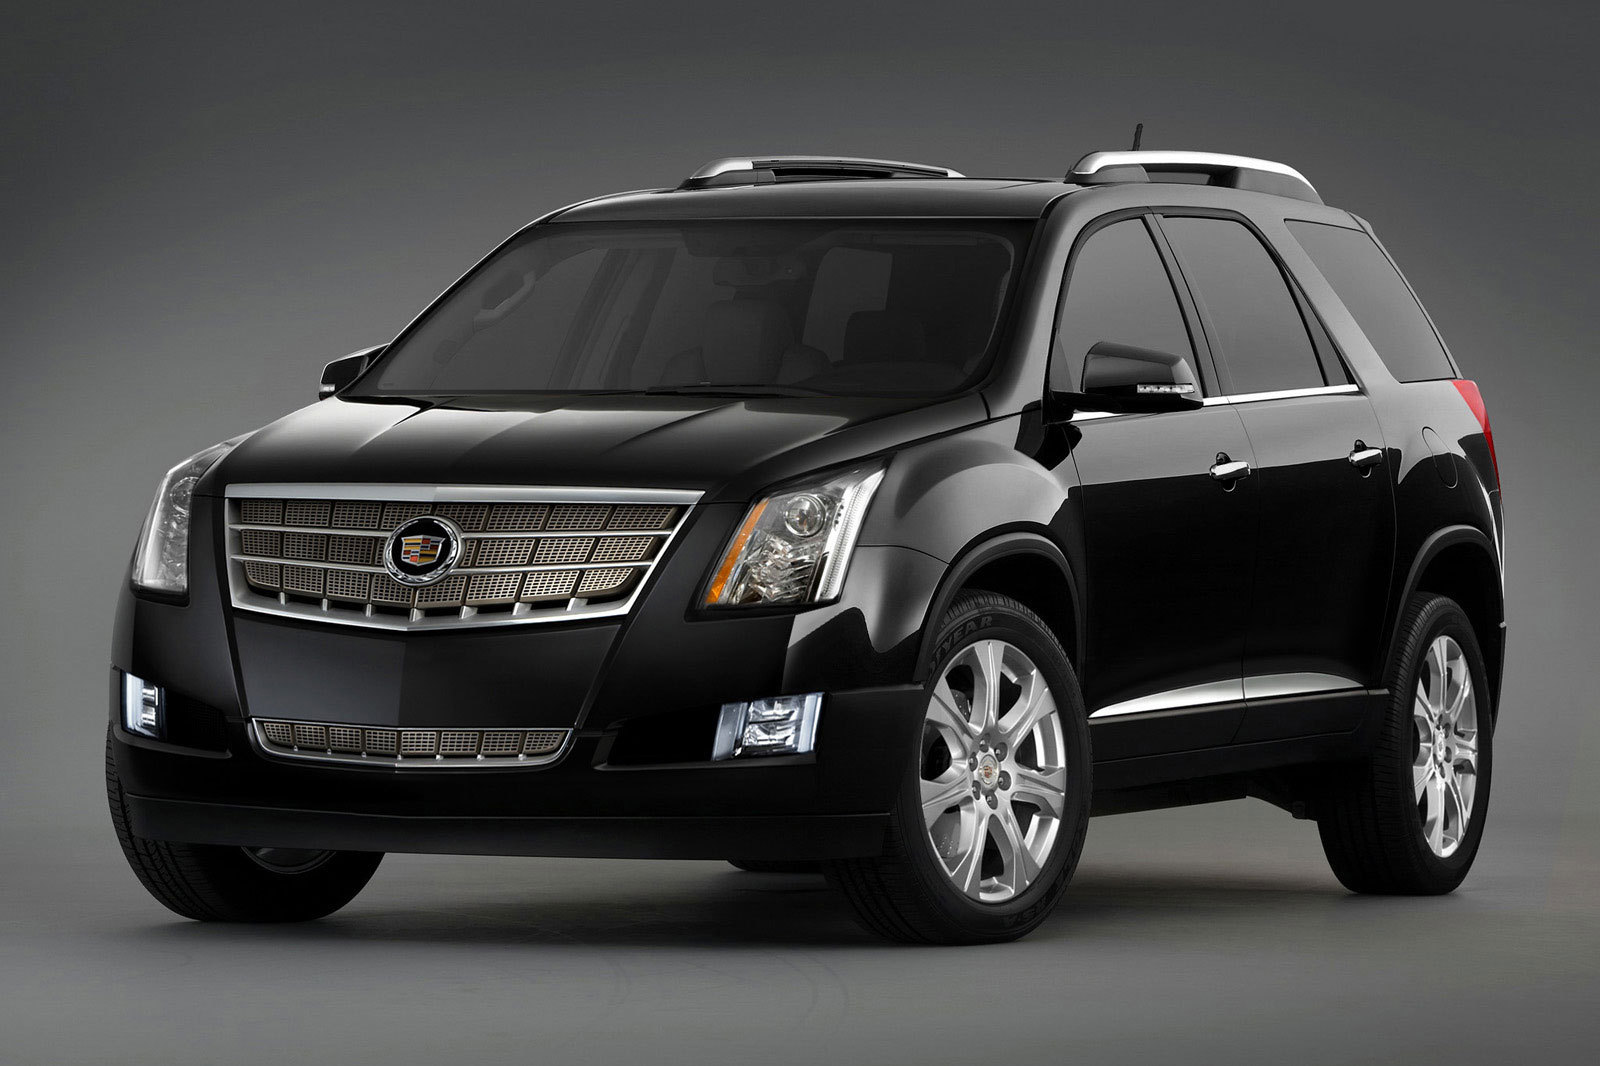 Imagini - Idei pentru un nou Cadillac Escalade